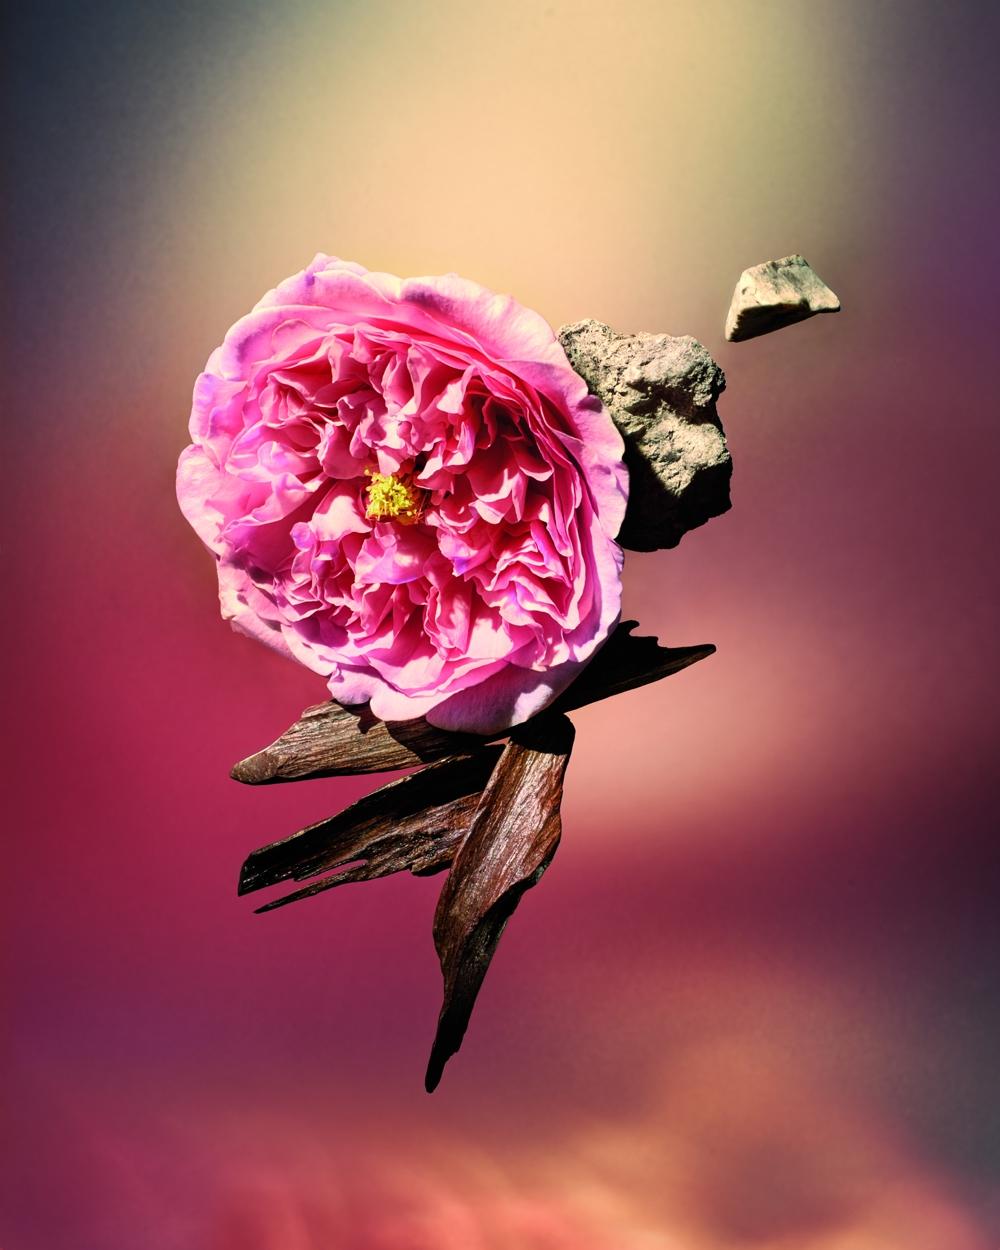 LV香氛新成員 Les Sables Roses清新玫瑰對比原始沉香的悠揚二重唱